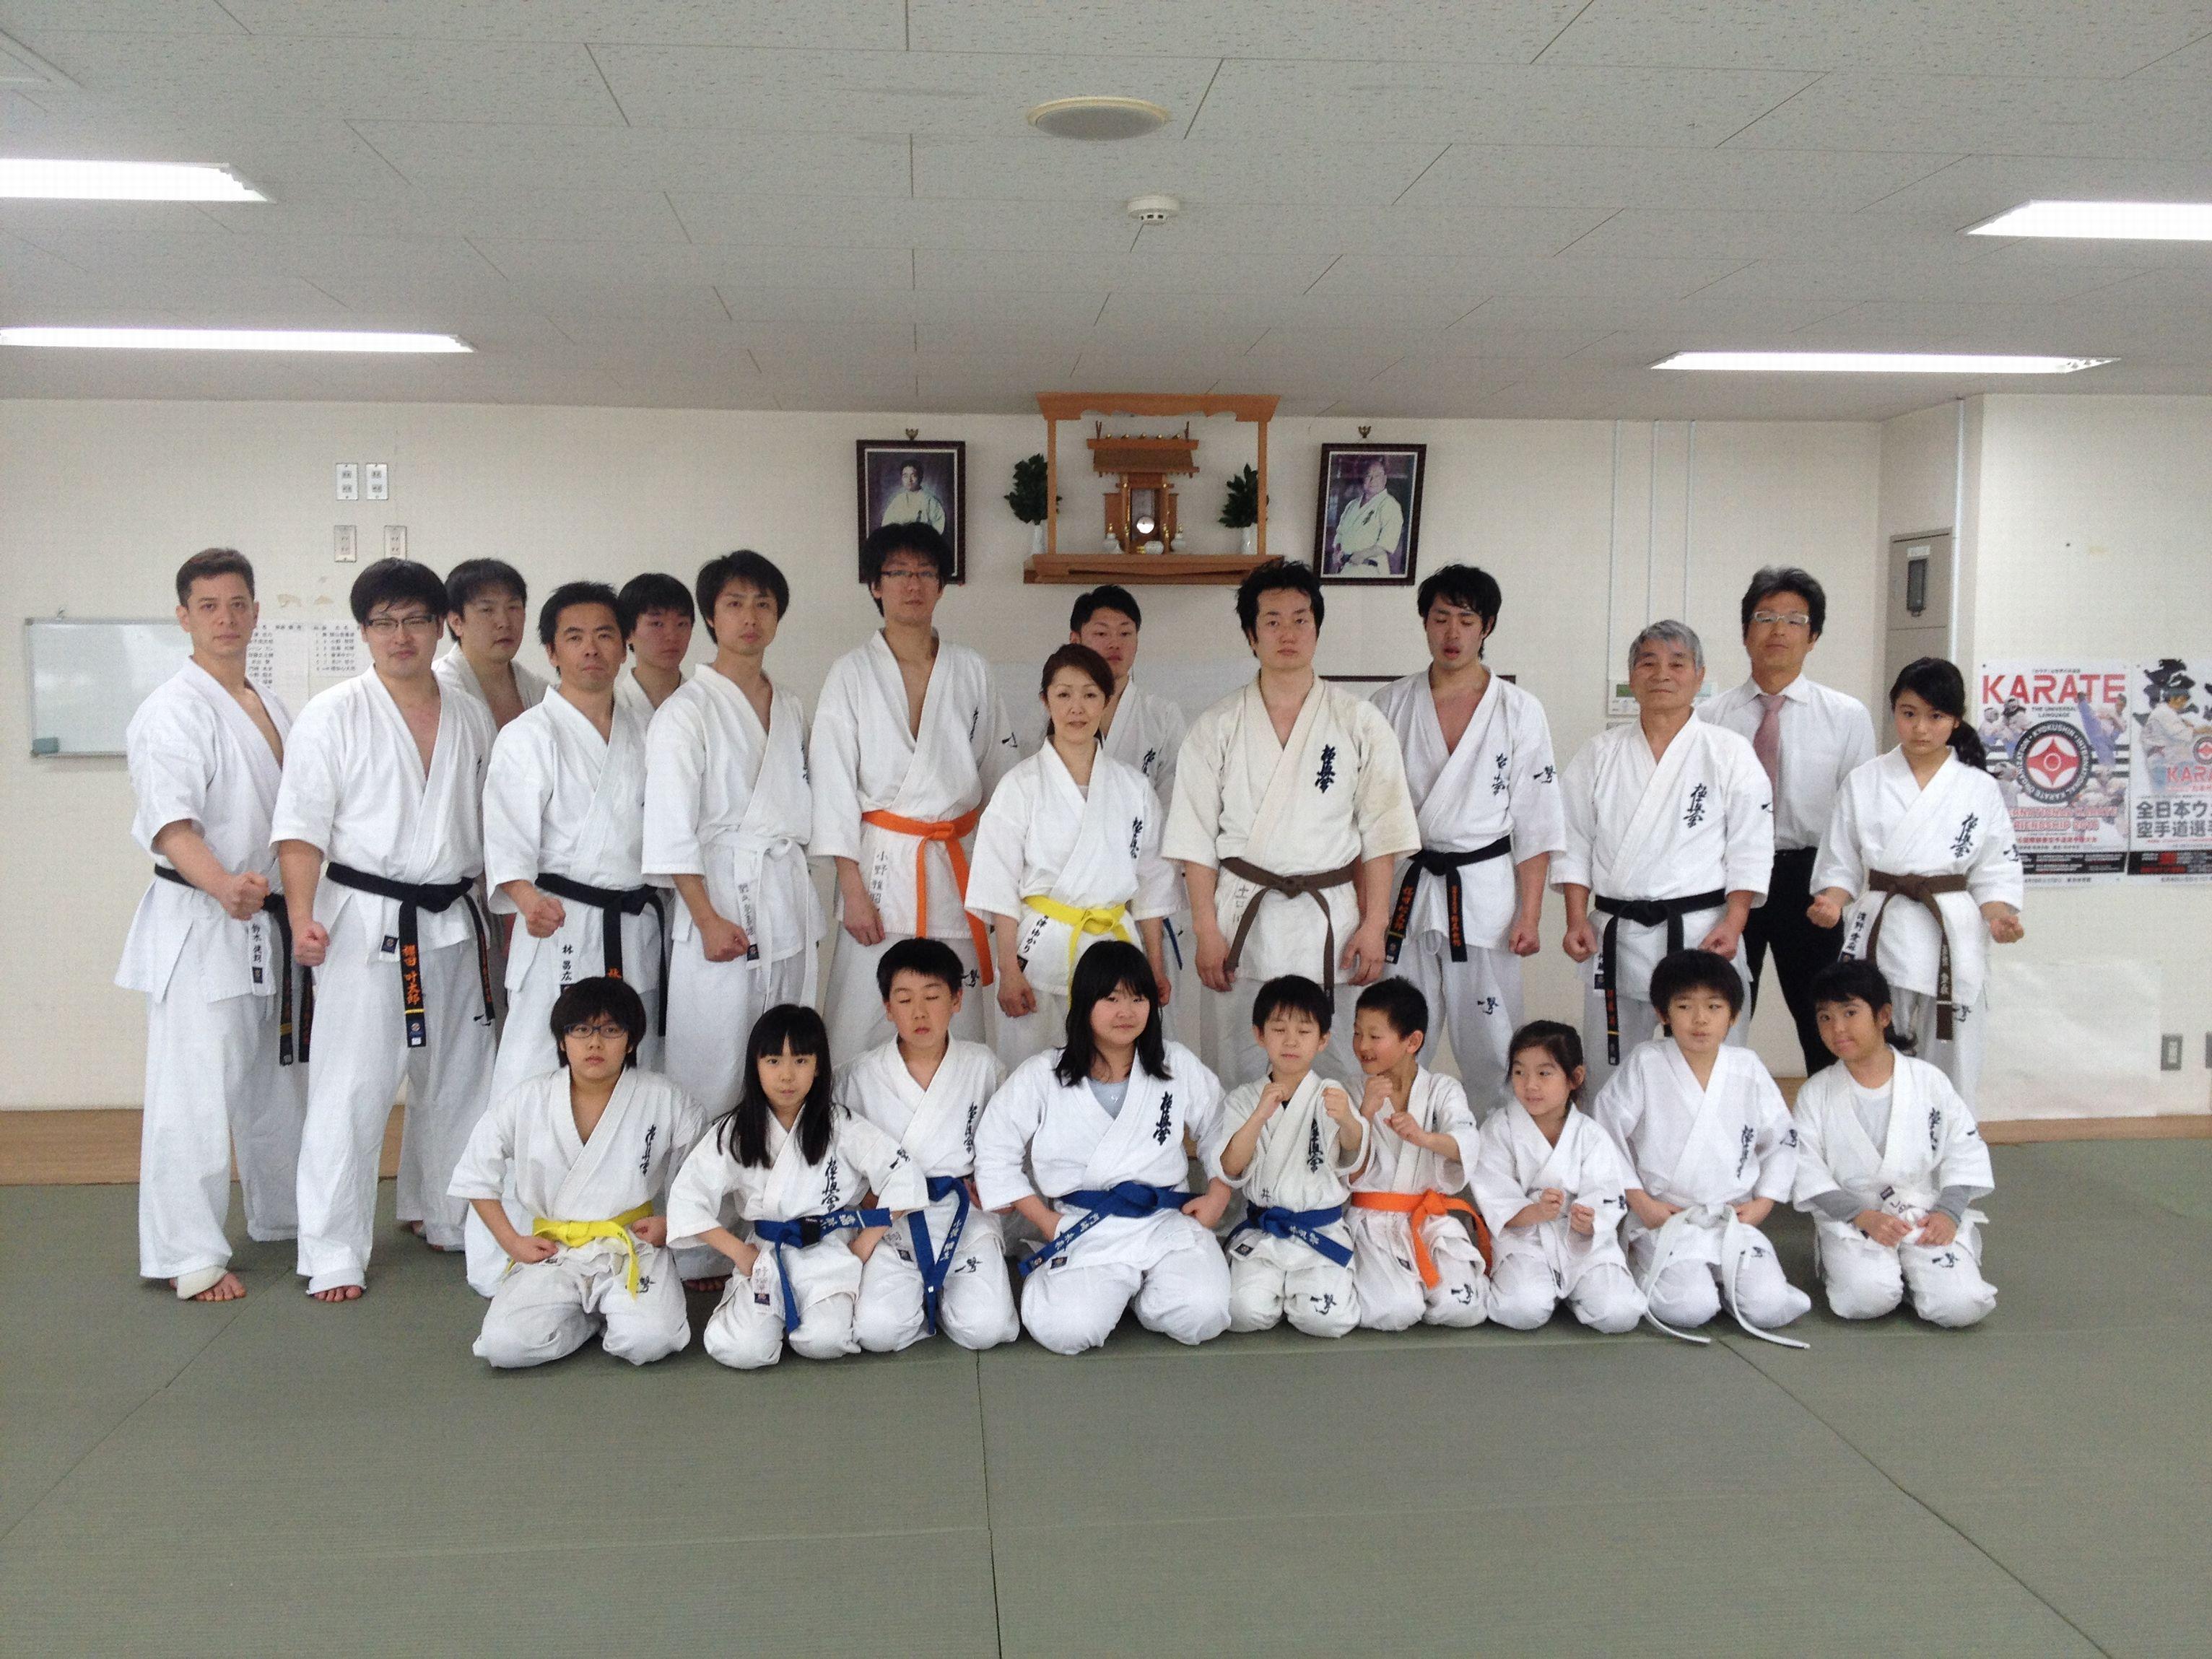 2016春季昇段昇級審査会集合写真 008